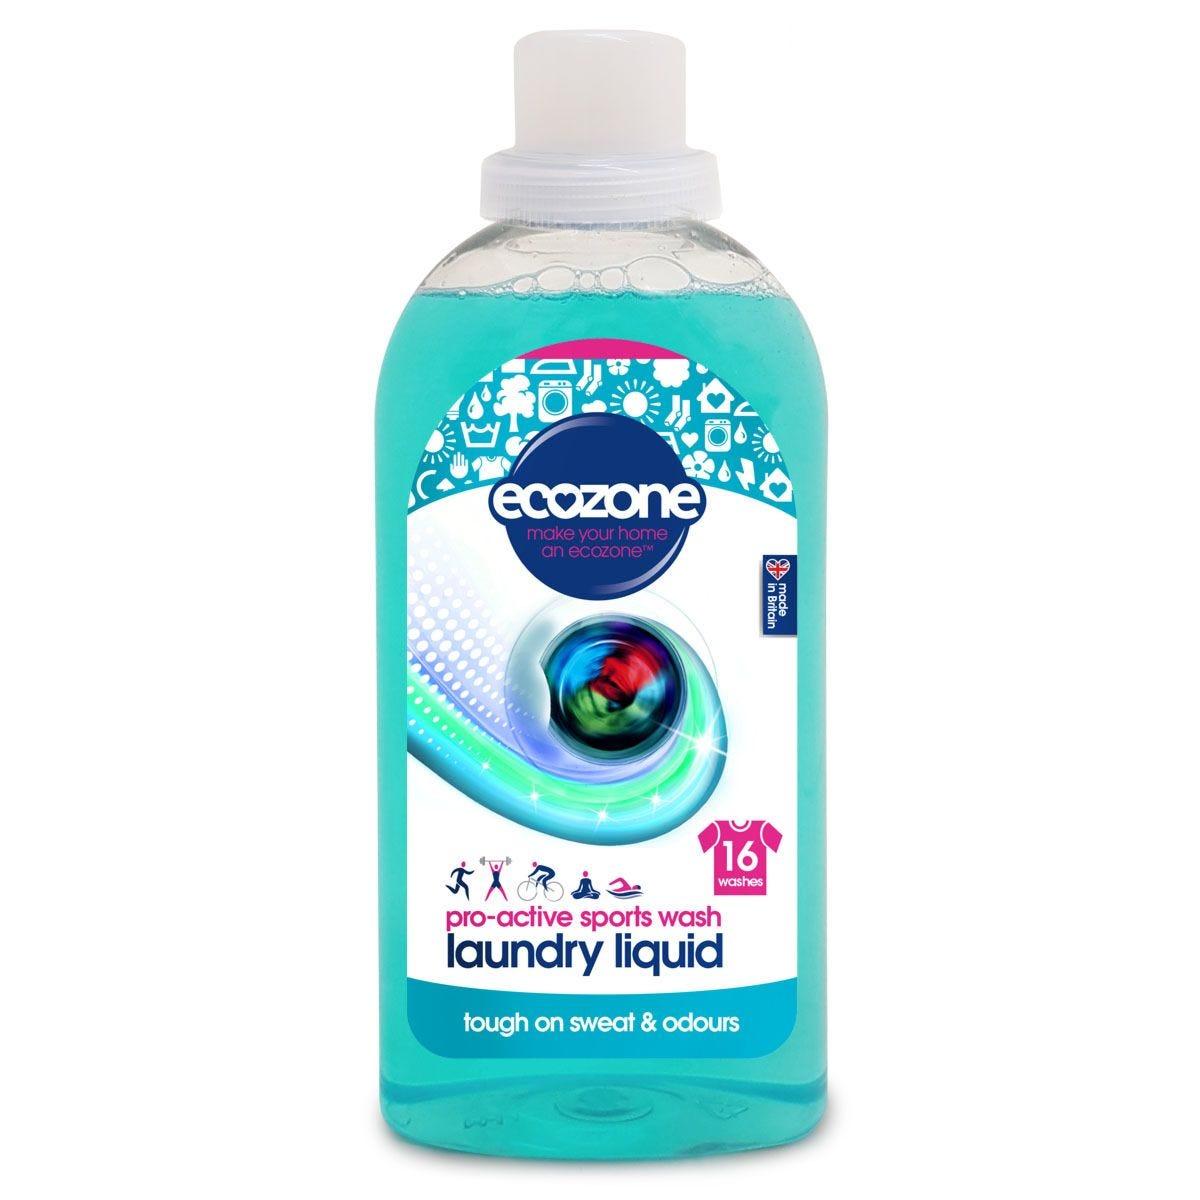 Ecozone Pro-Active Sports Detergent